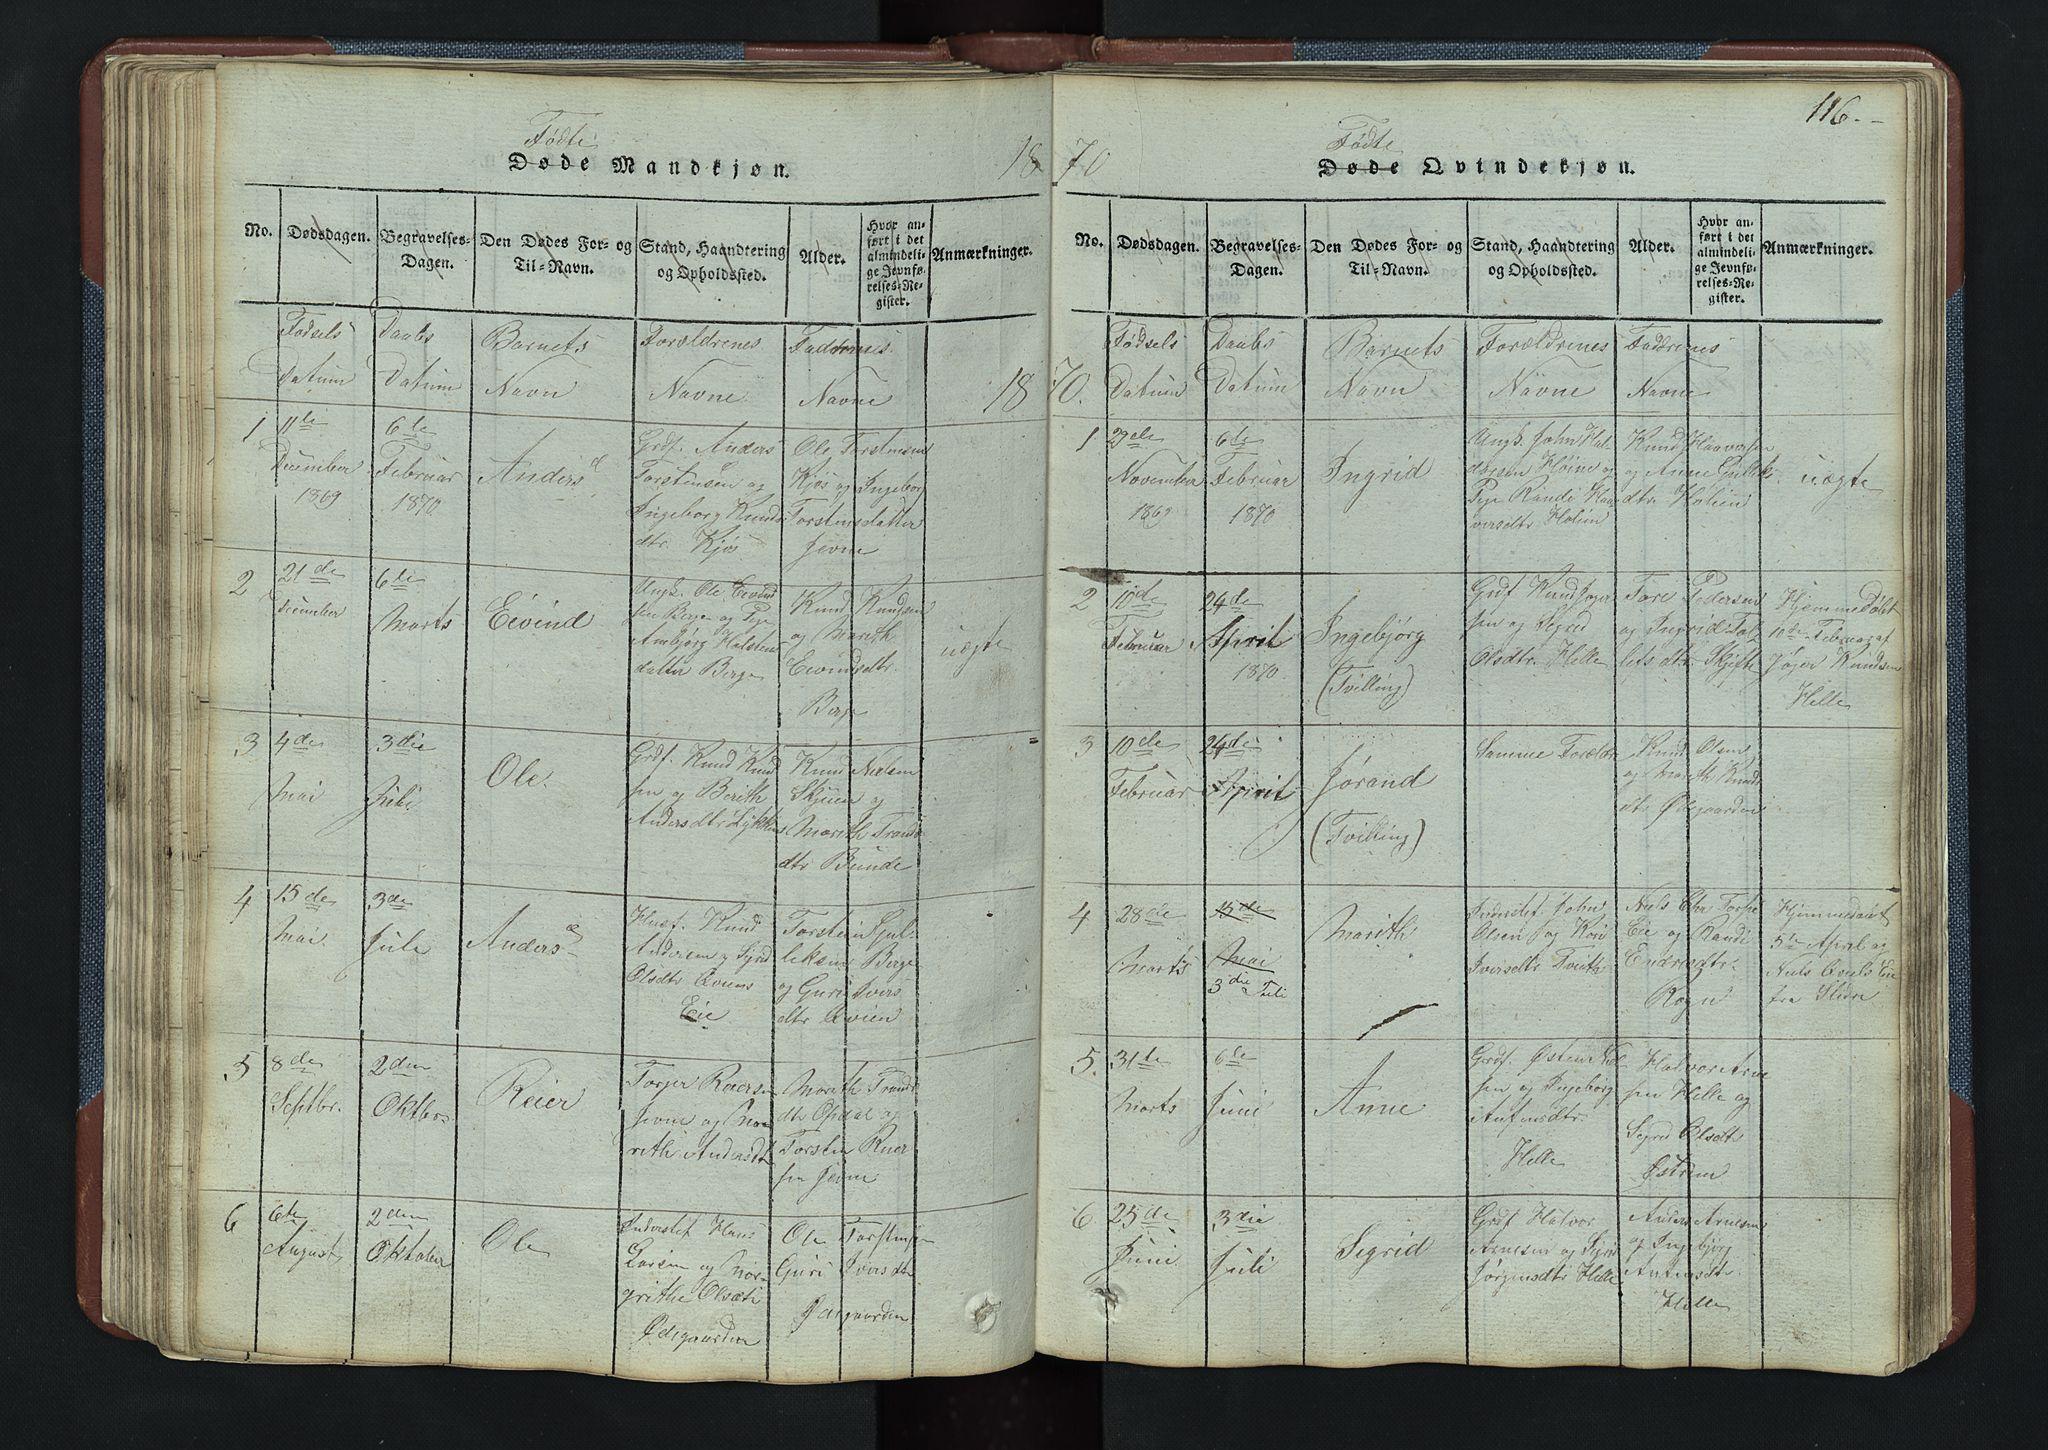 SAH, Vang prestekontor, Valdres, Klokkerbok nr. 3, 1814-1892, s. 116